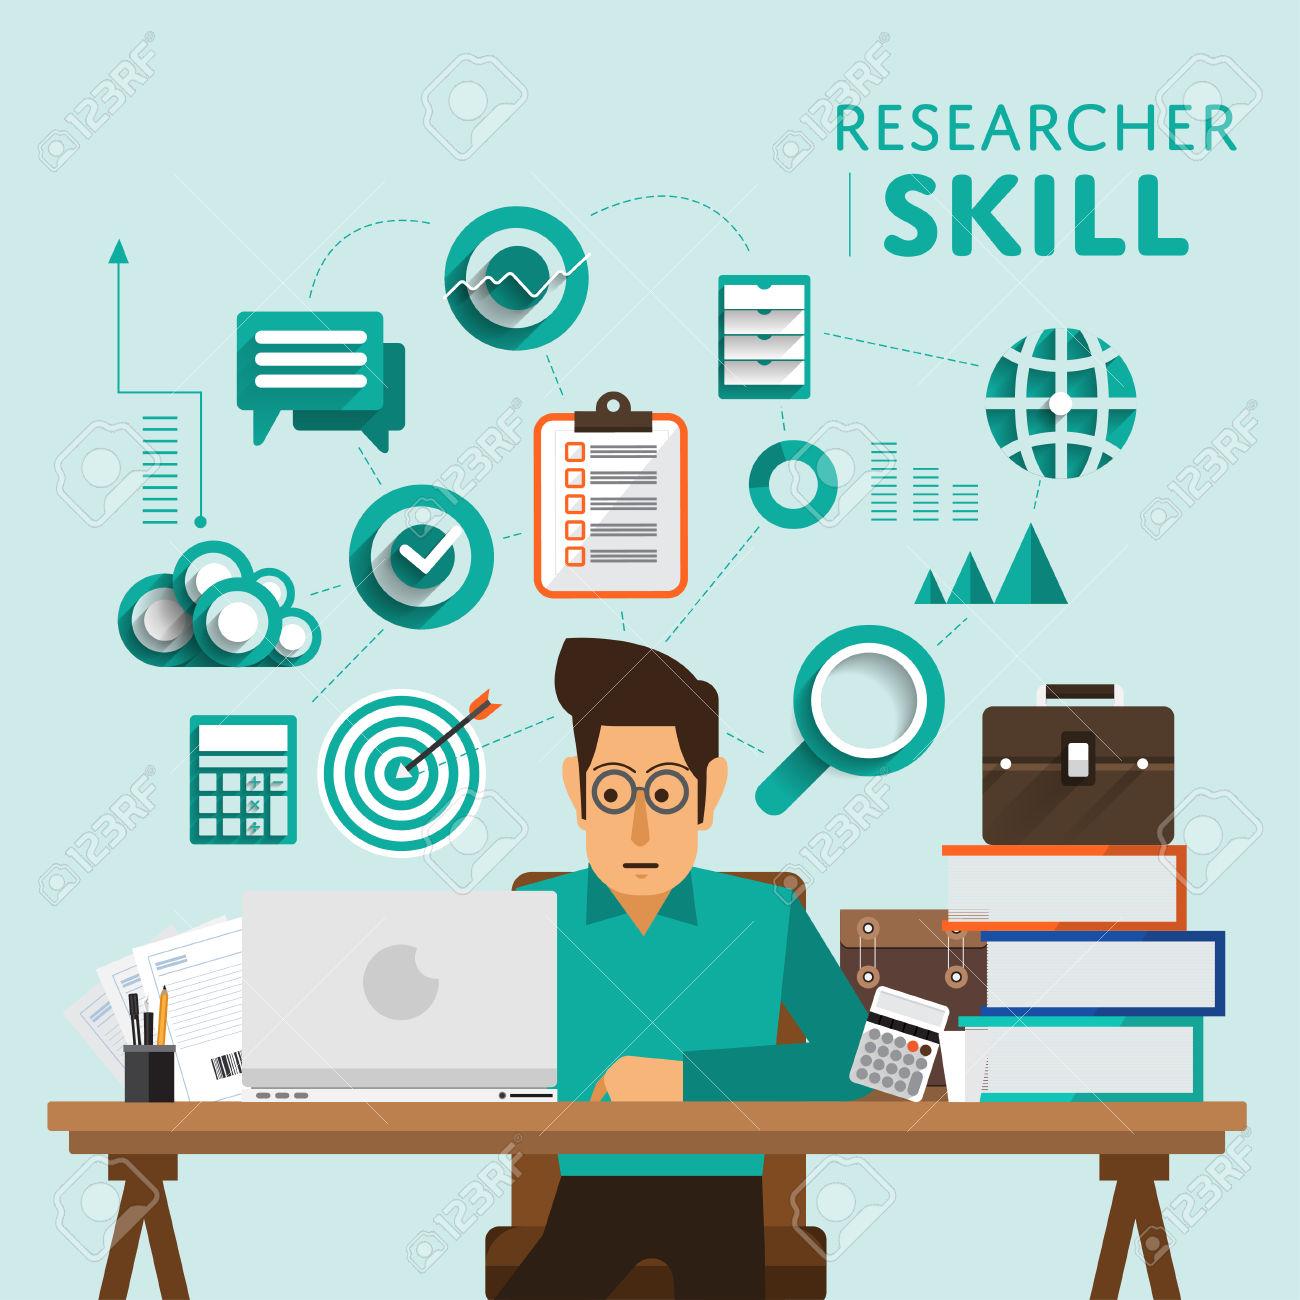 Chuyên viên tư vấn, nghiên cứu, Trưởng phòng nghiên cứu